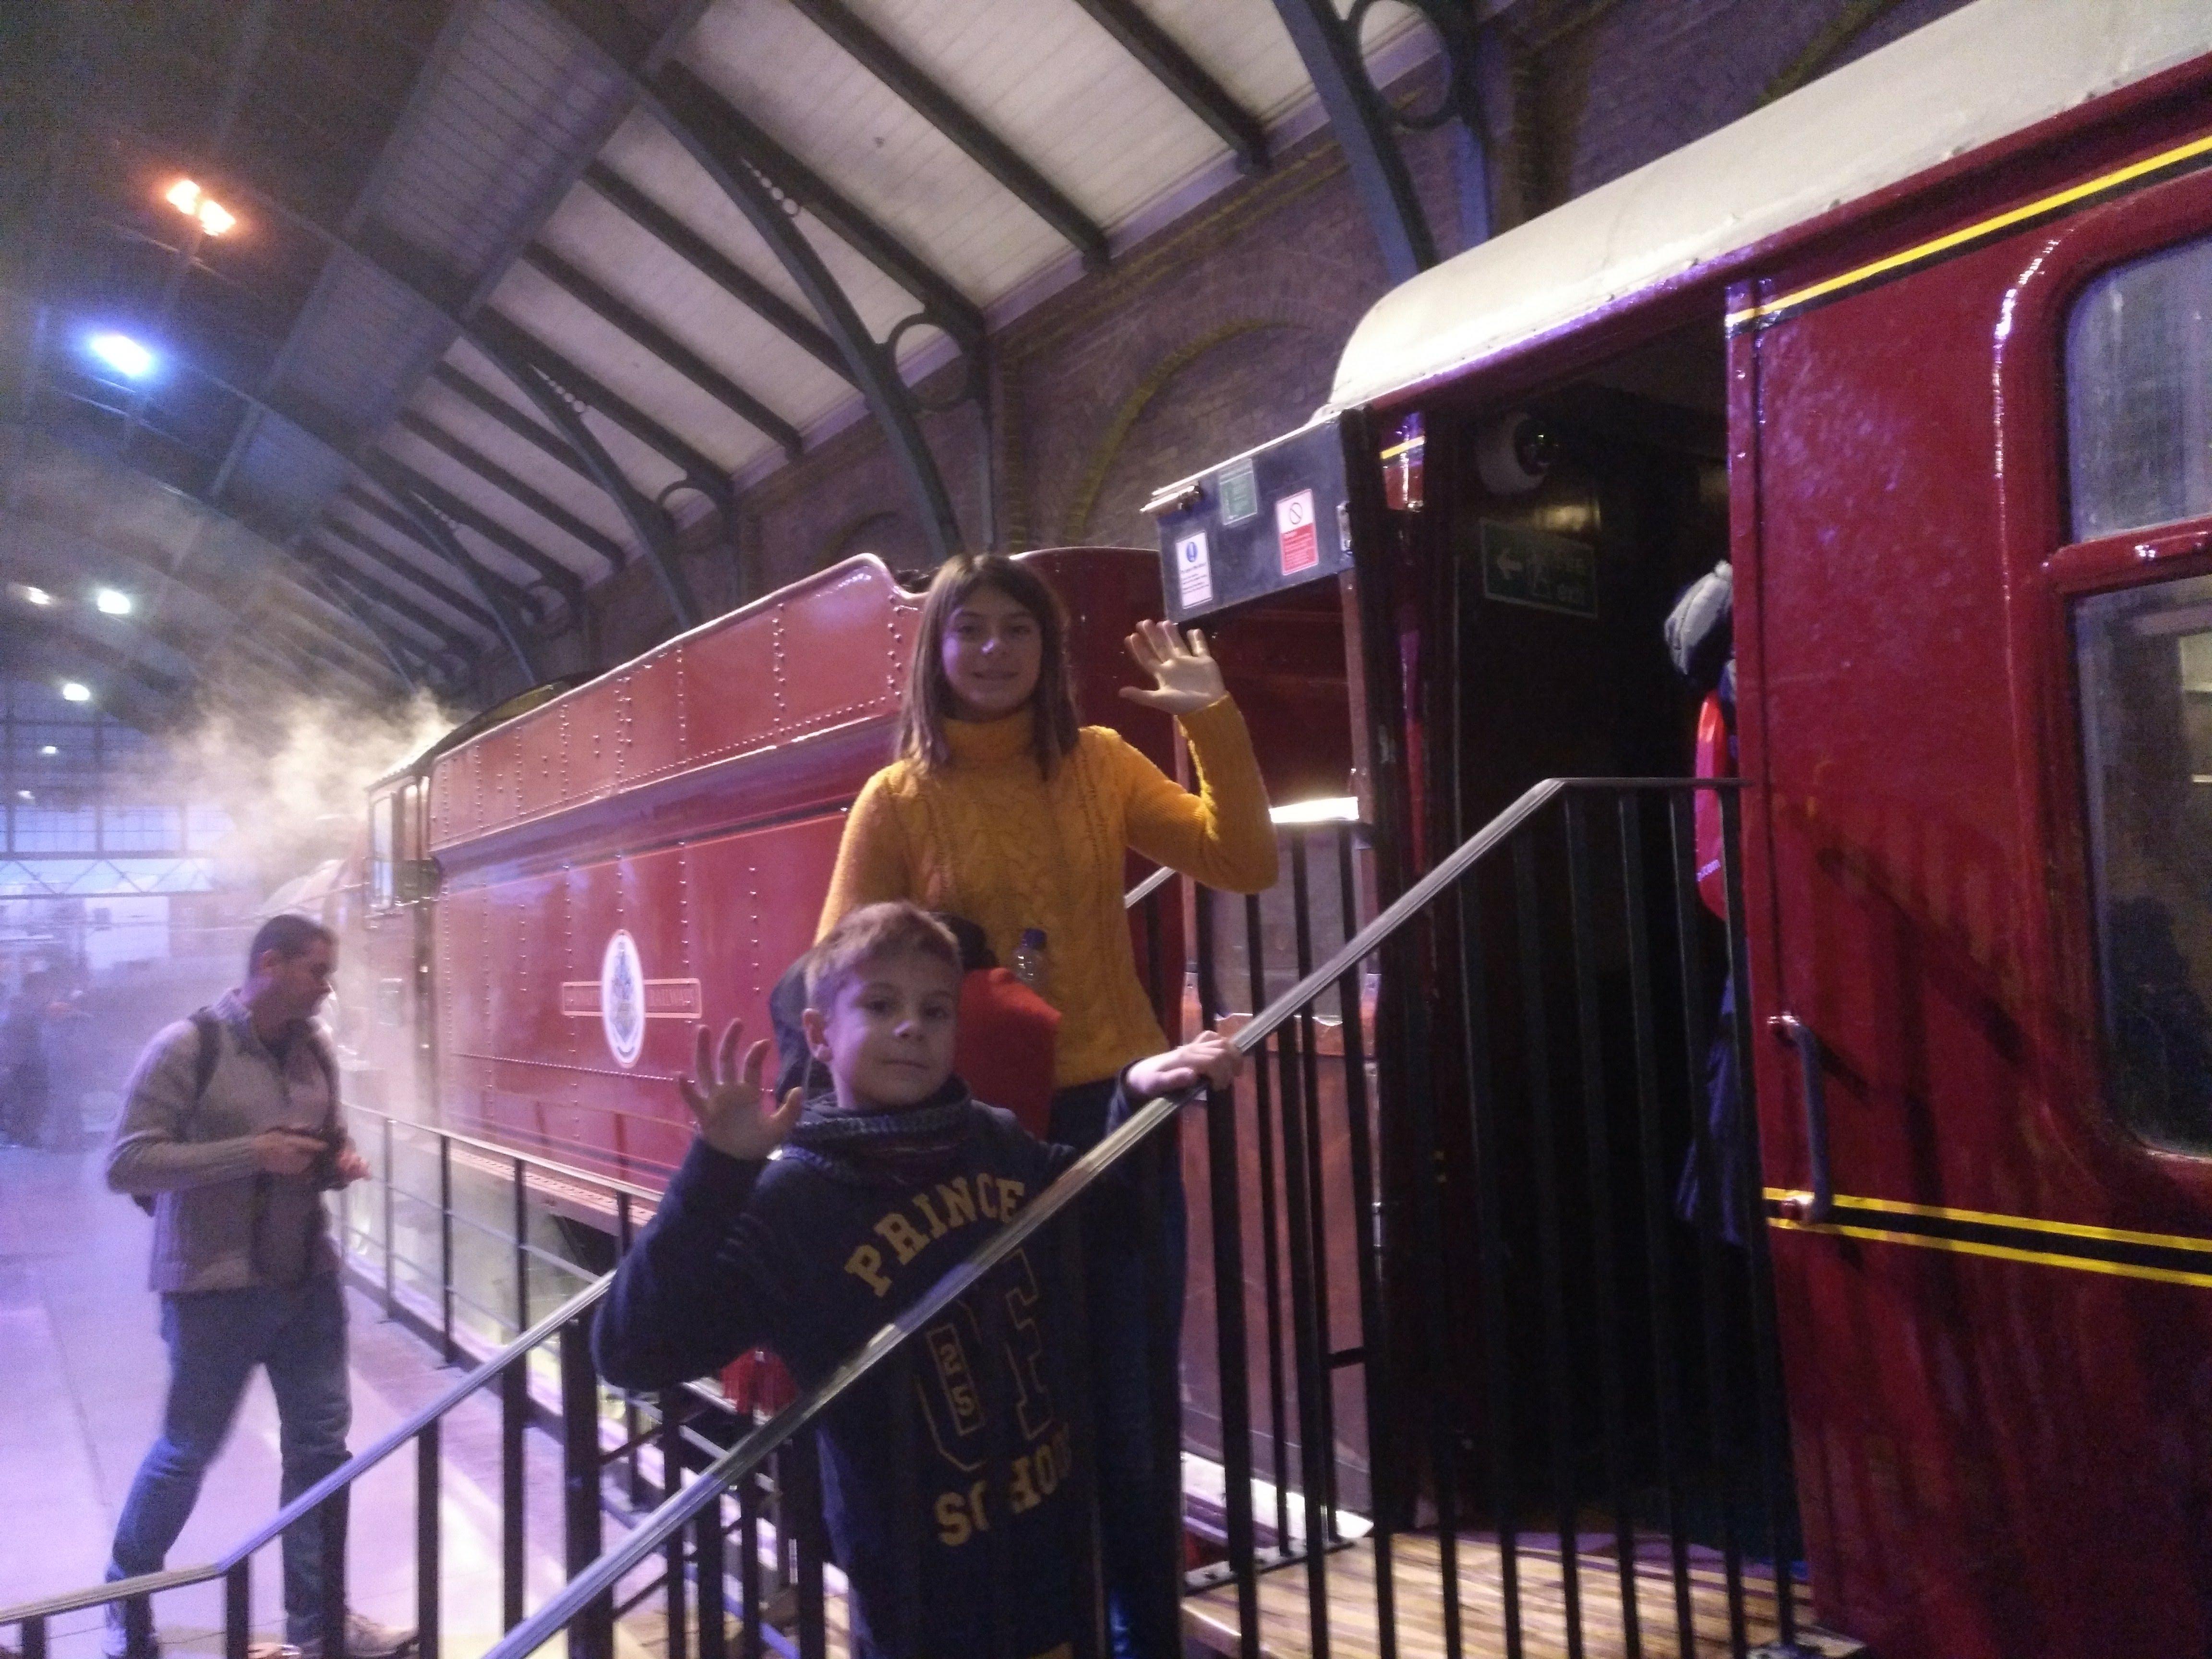 harry potter studios - tren - vapor - niños - estación